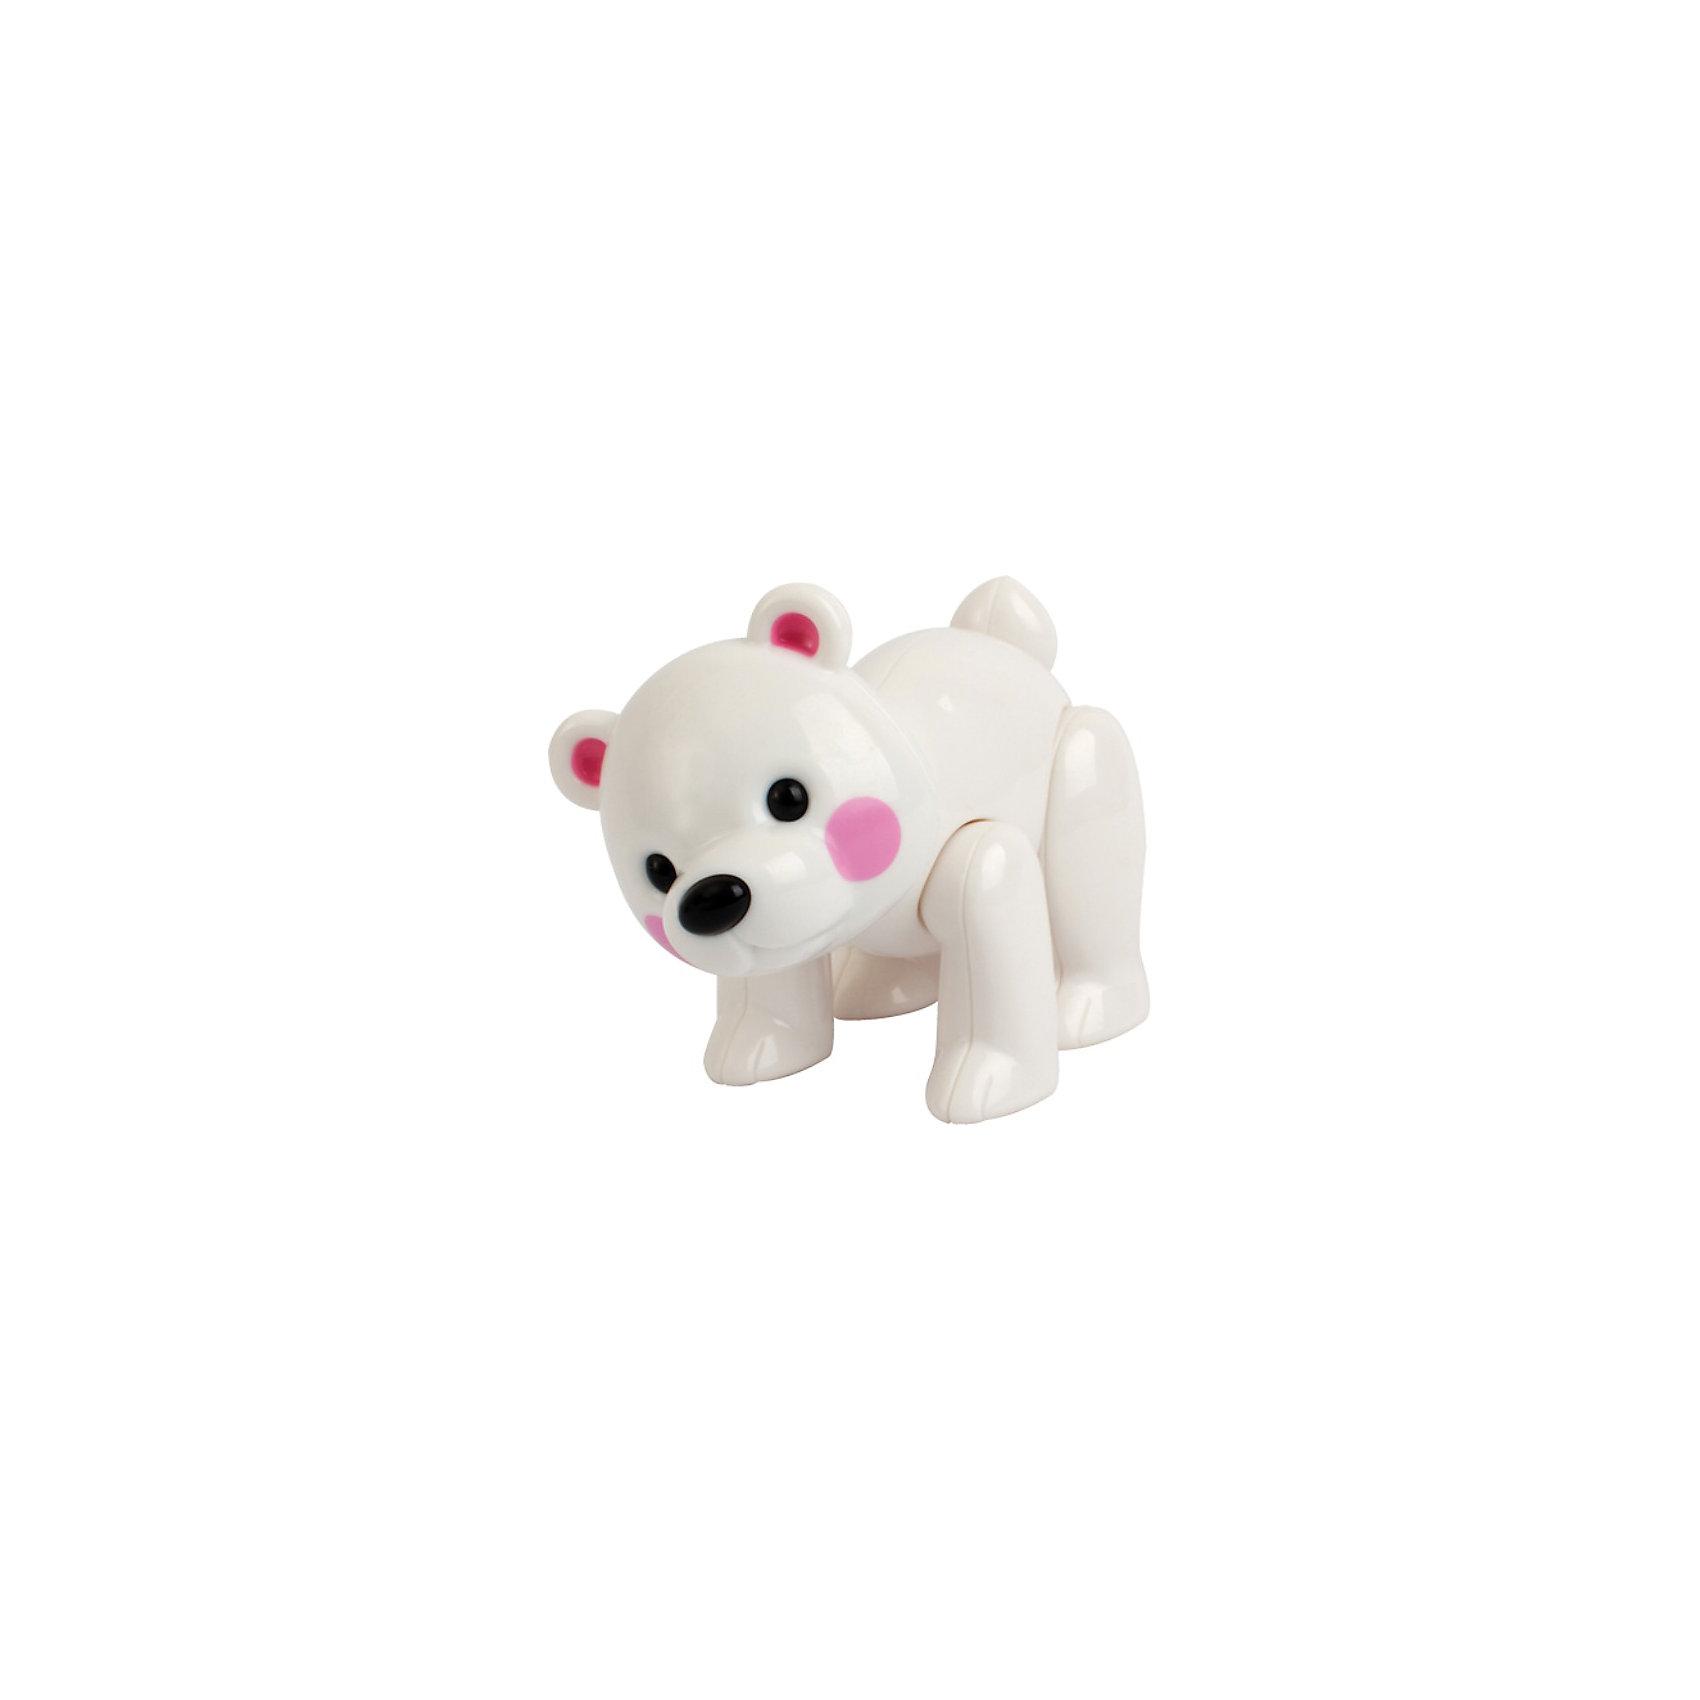 TOLO Фигурка Белый мишка, Первые друзья, TOLO развивающие игрушки tolo toys тюлень